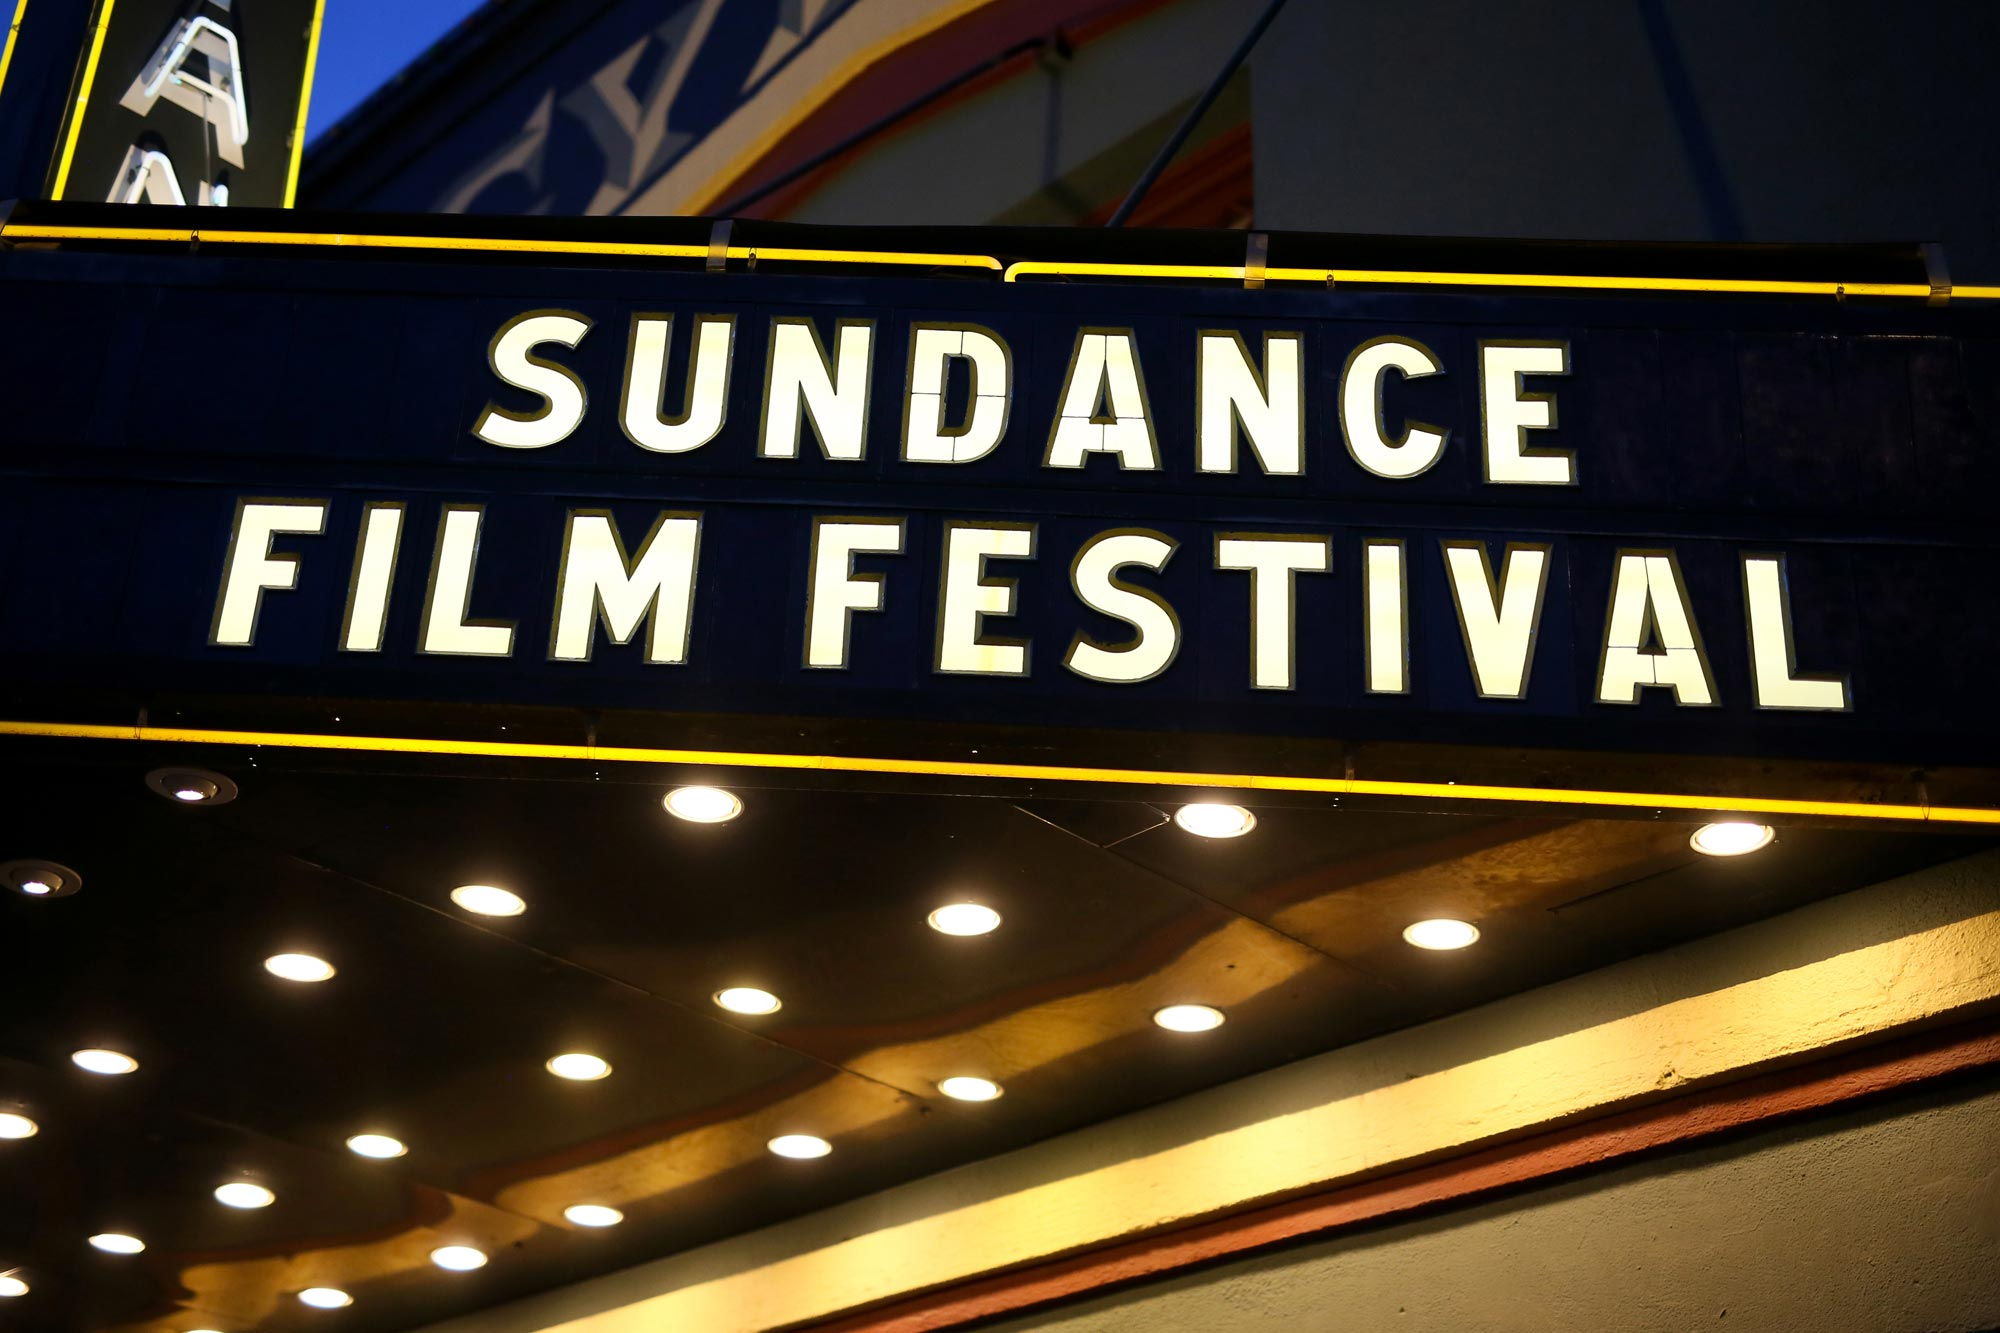 Sundance Film Festival 2021: Slate available digitally next year | EW.com